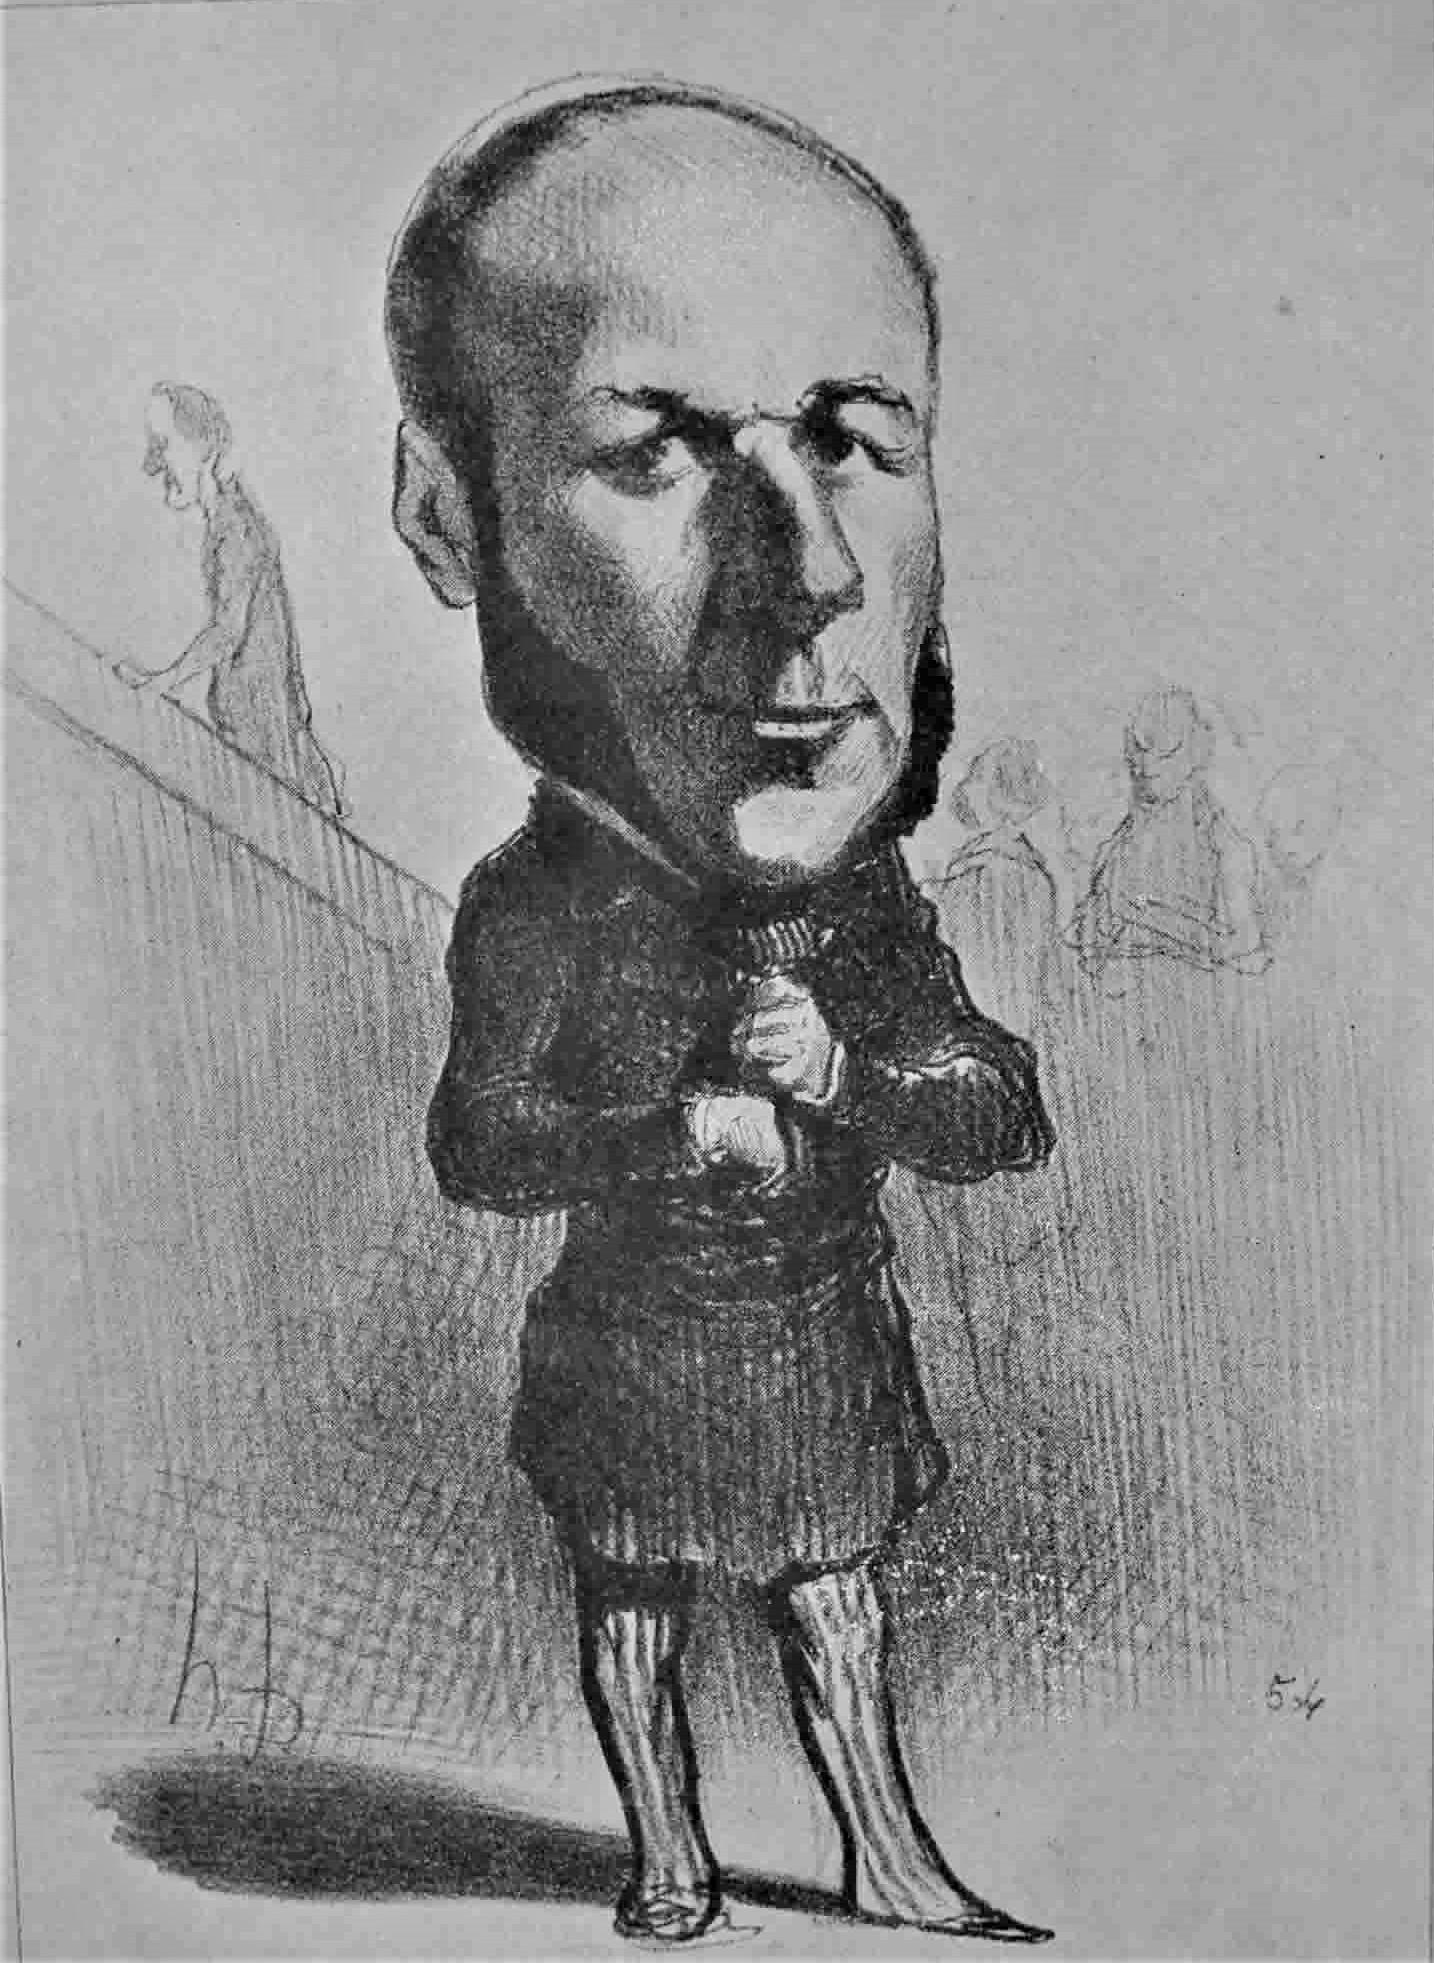 Grévy par Daumier